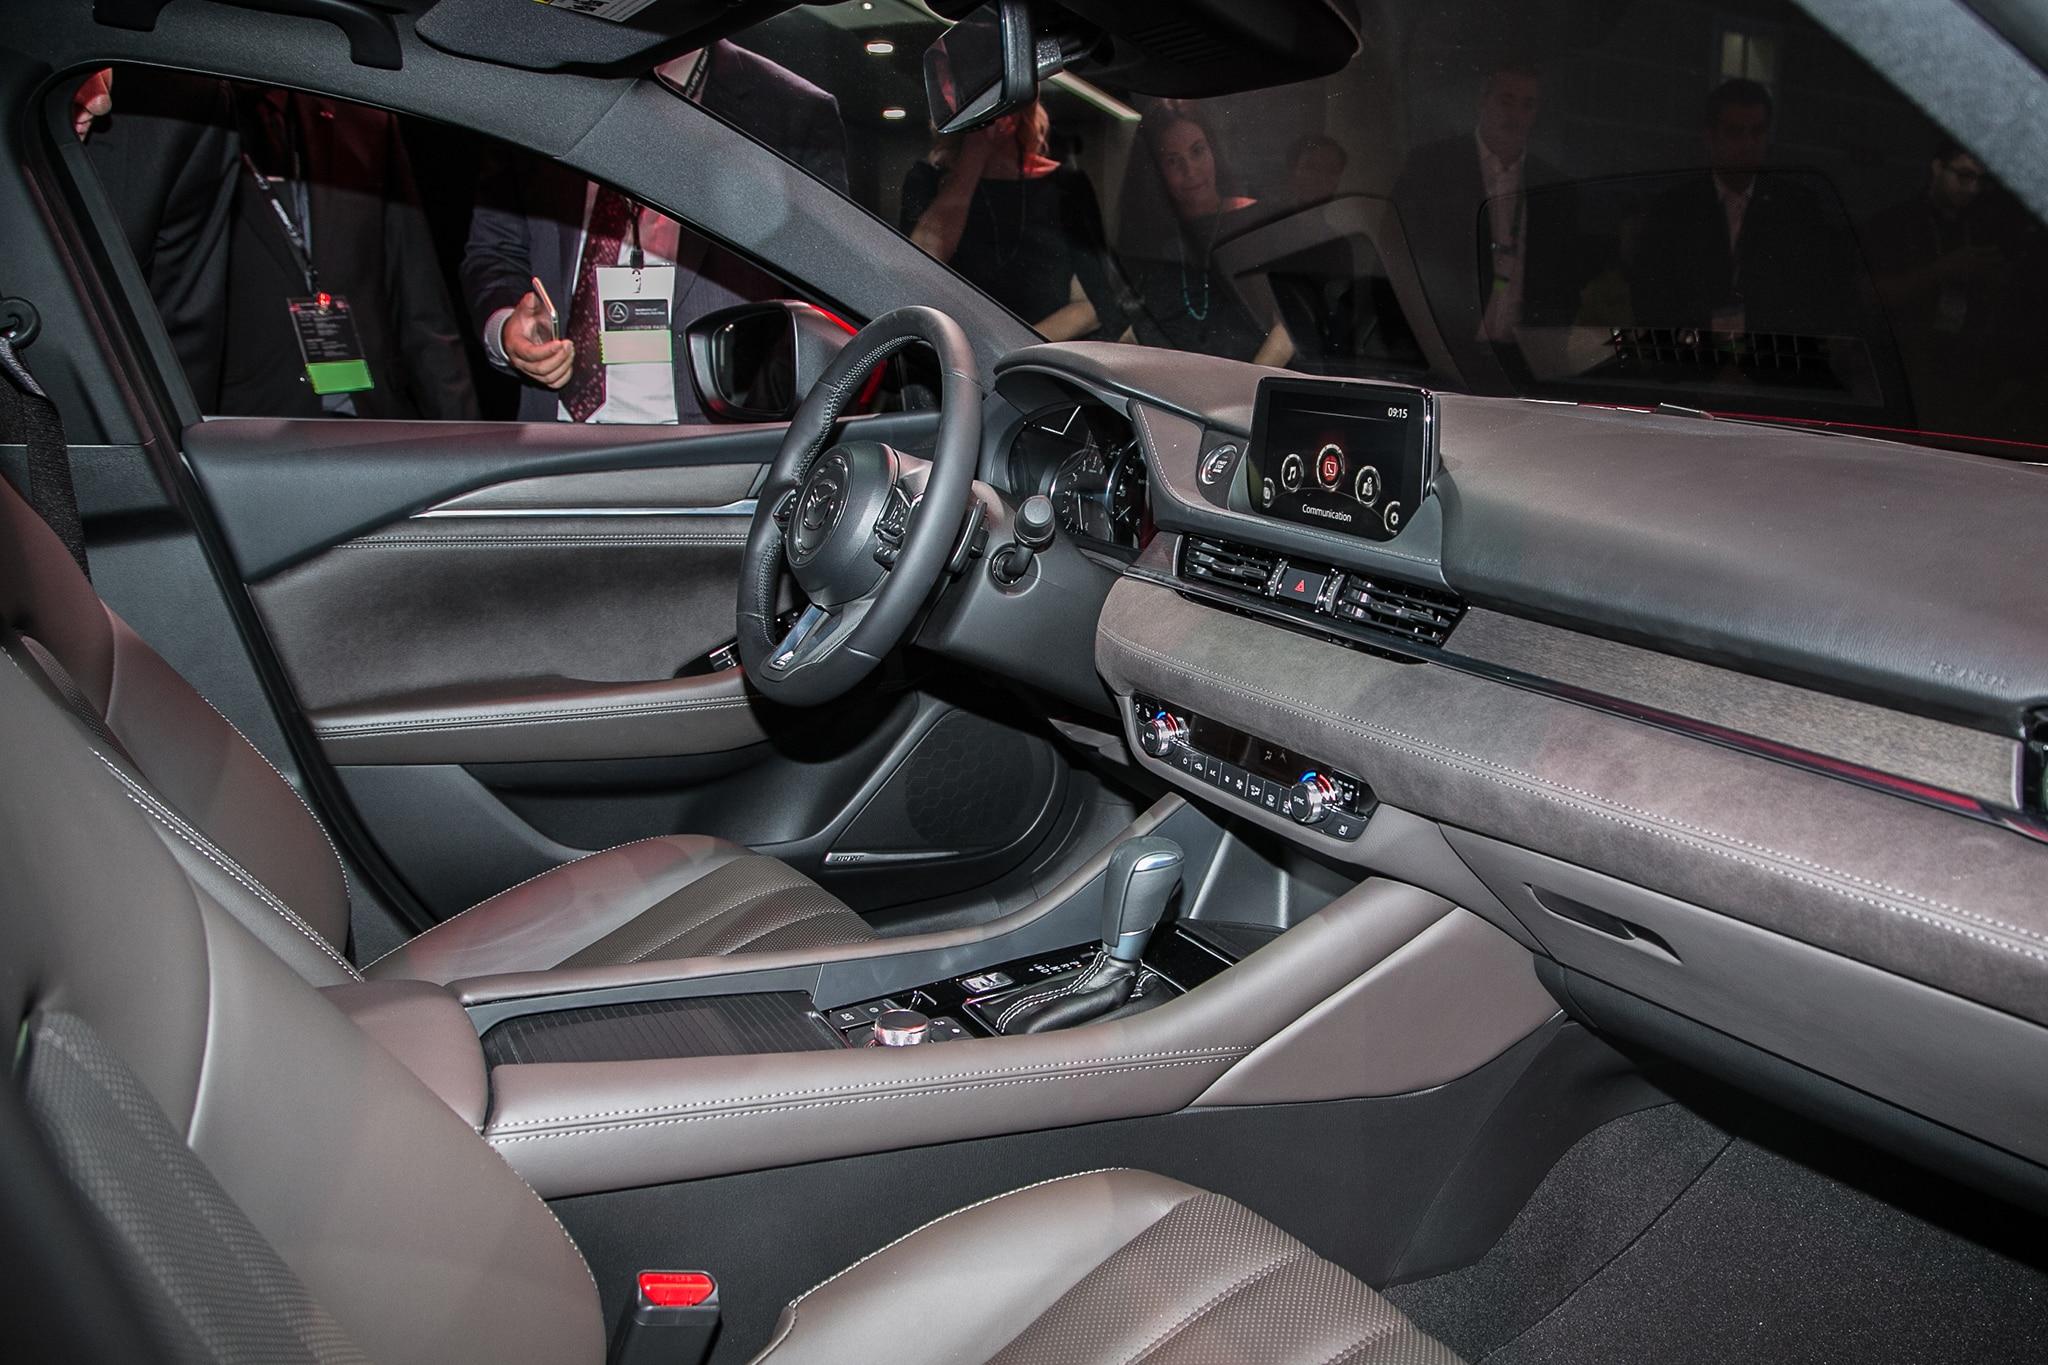 https://st.automobilemag.com/uploads/sites/11/2017/11/2018-Mazda6-cabin-02.jpg